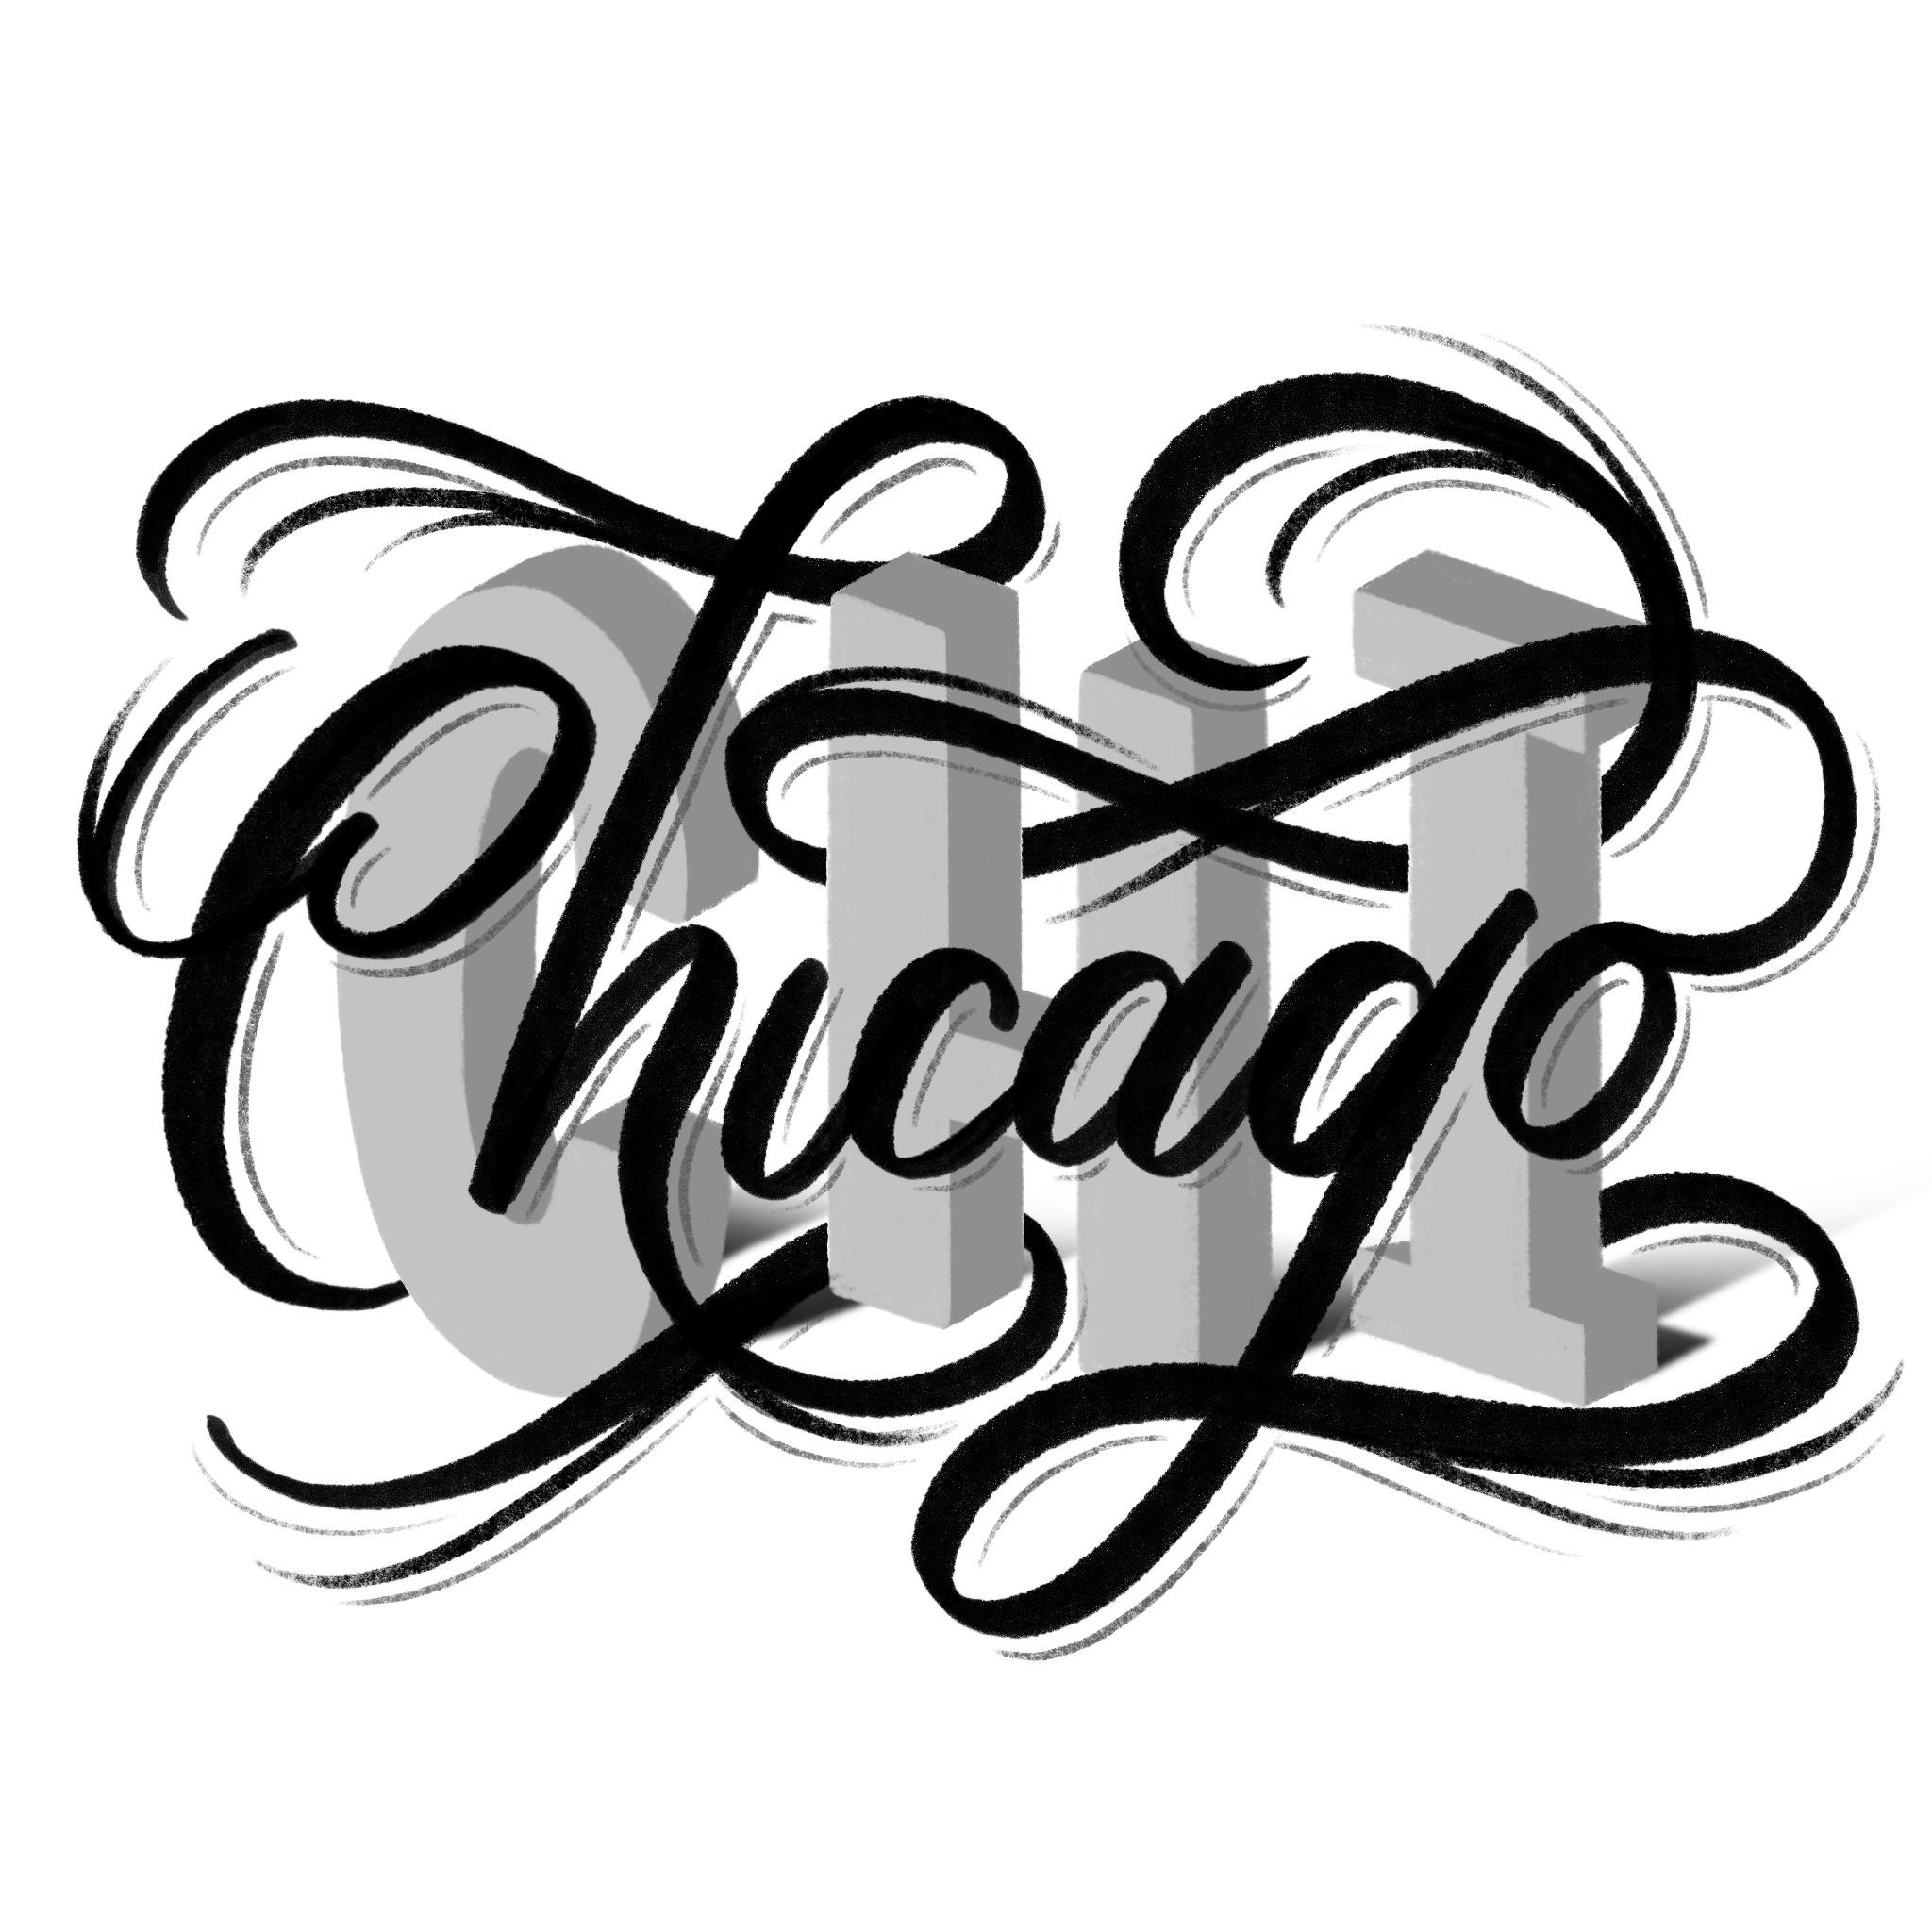 Chicago lettering sketch concept for Washington Post | Belinda Kou Lettering & Design | Chicago artist